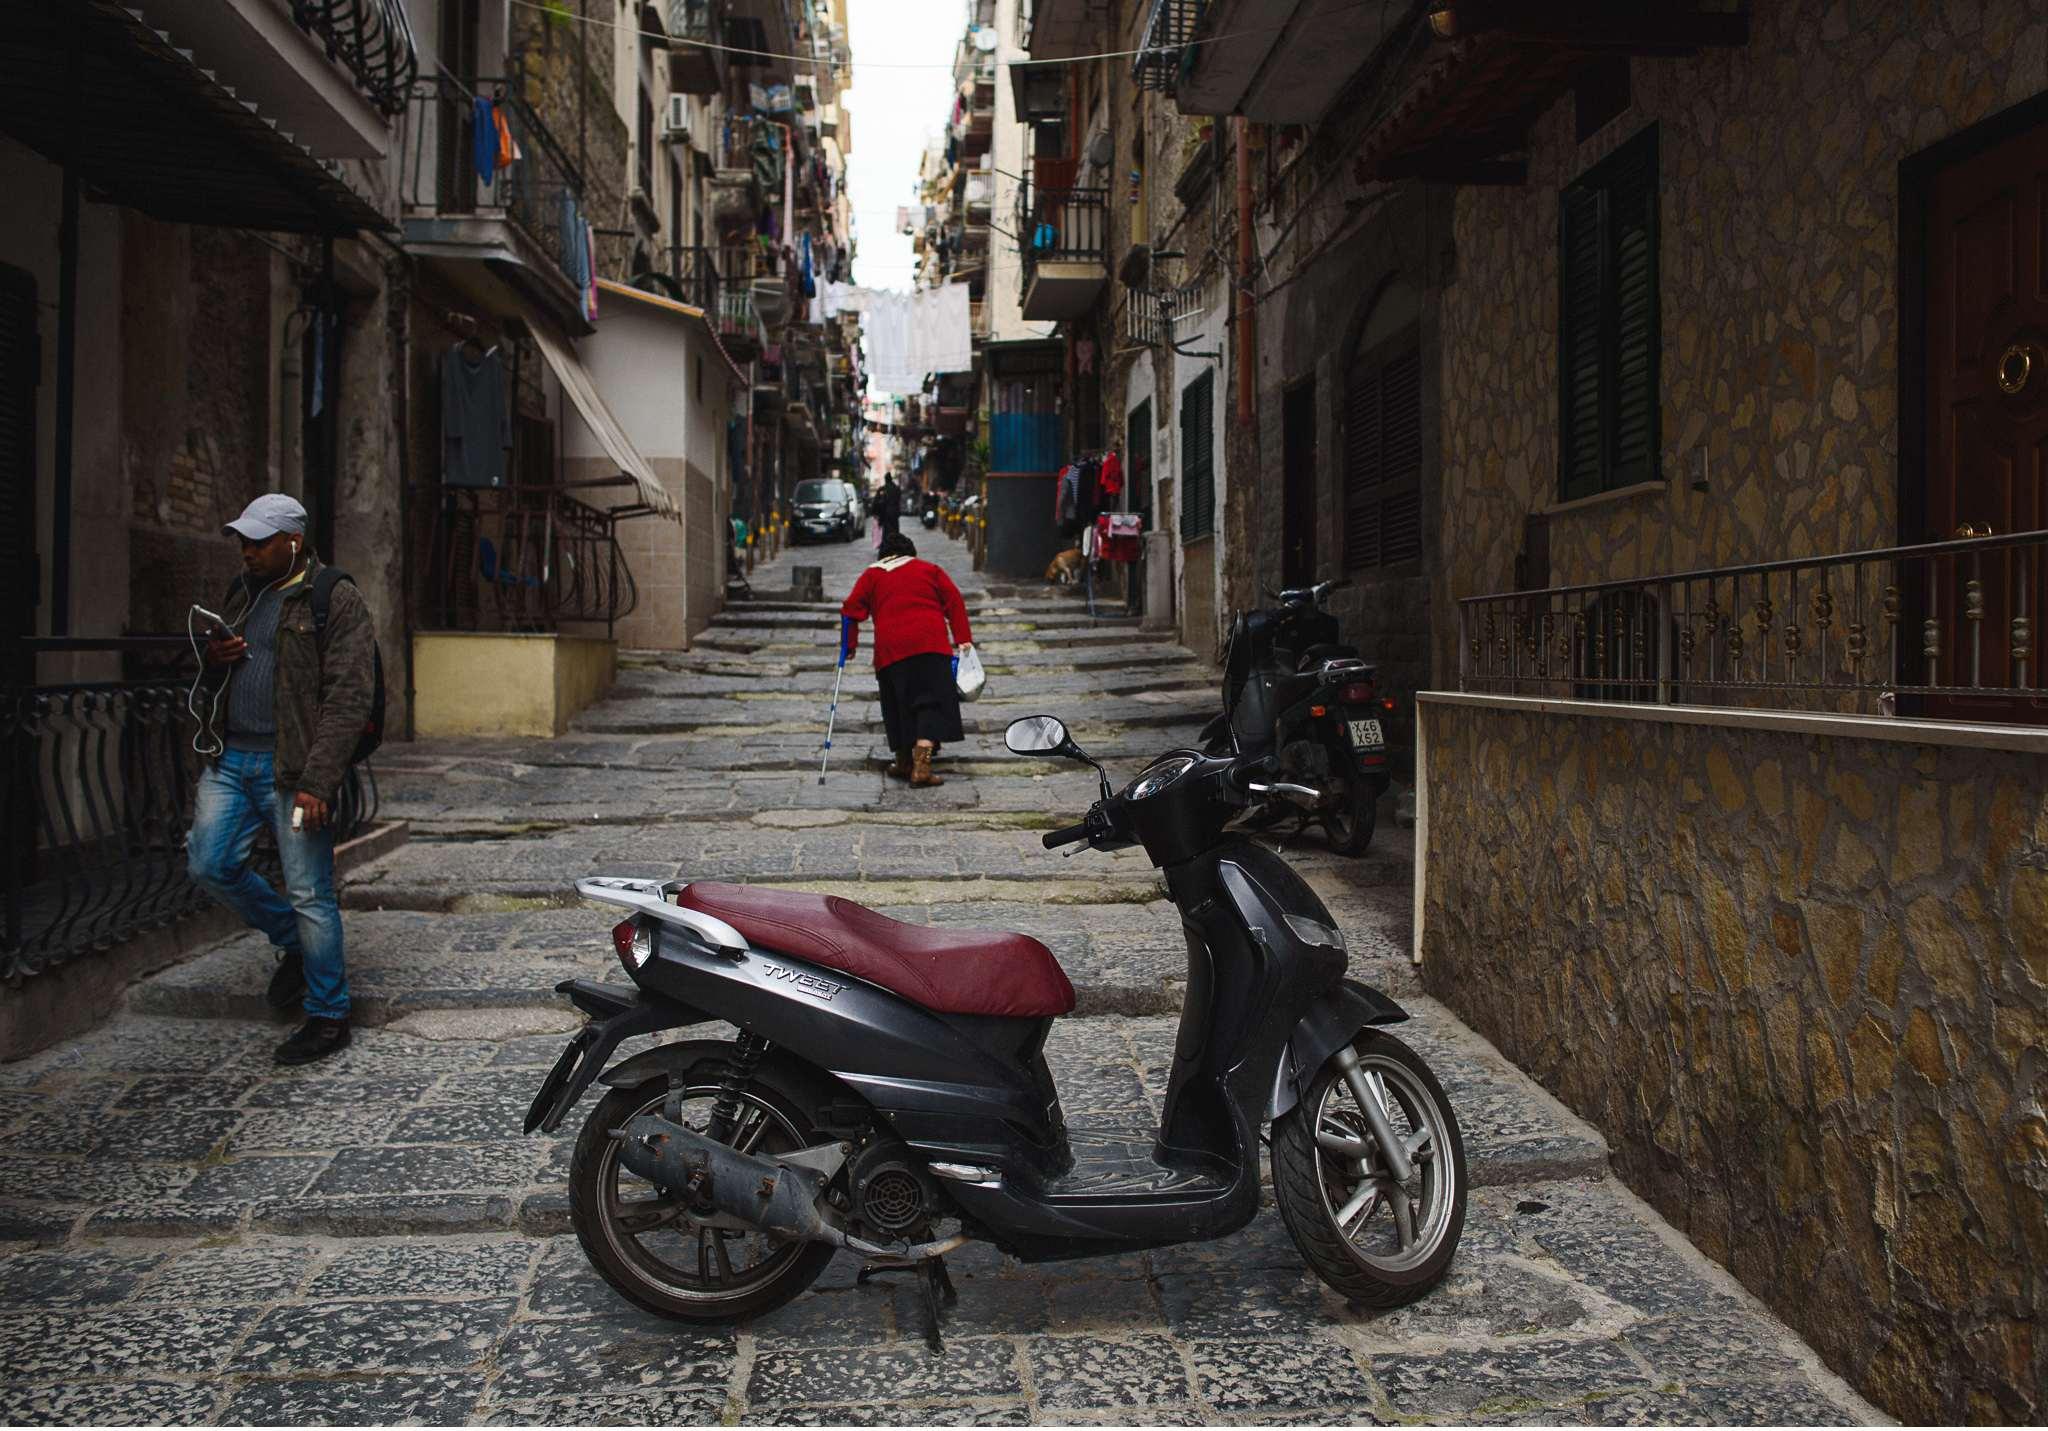 Interrail Reise - Italien Neapel - Geschichten von unterwegs - Foto Daniel Kempf-Seifried-90